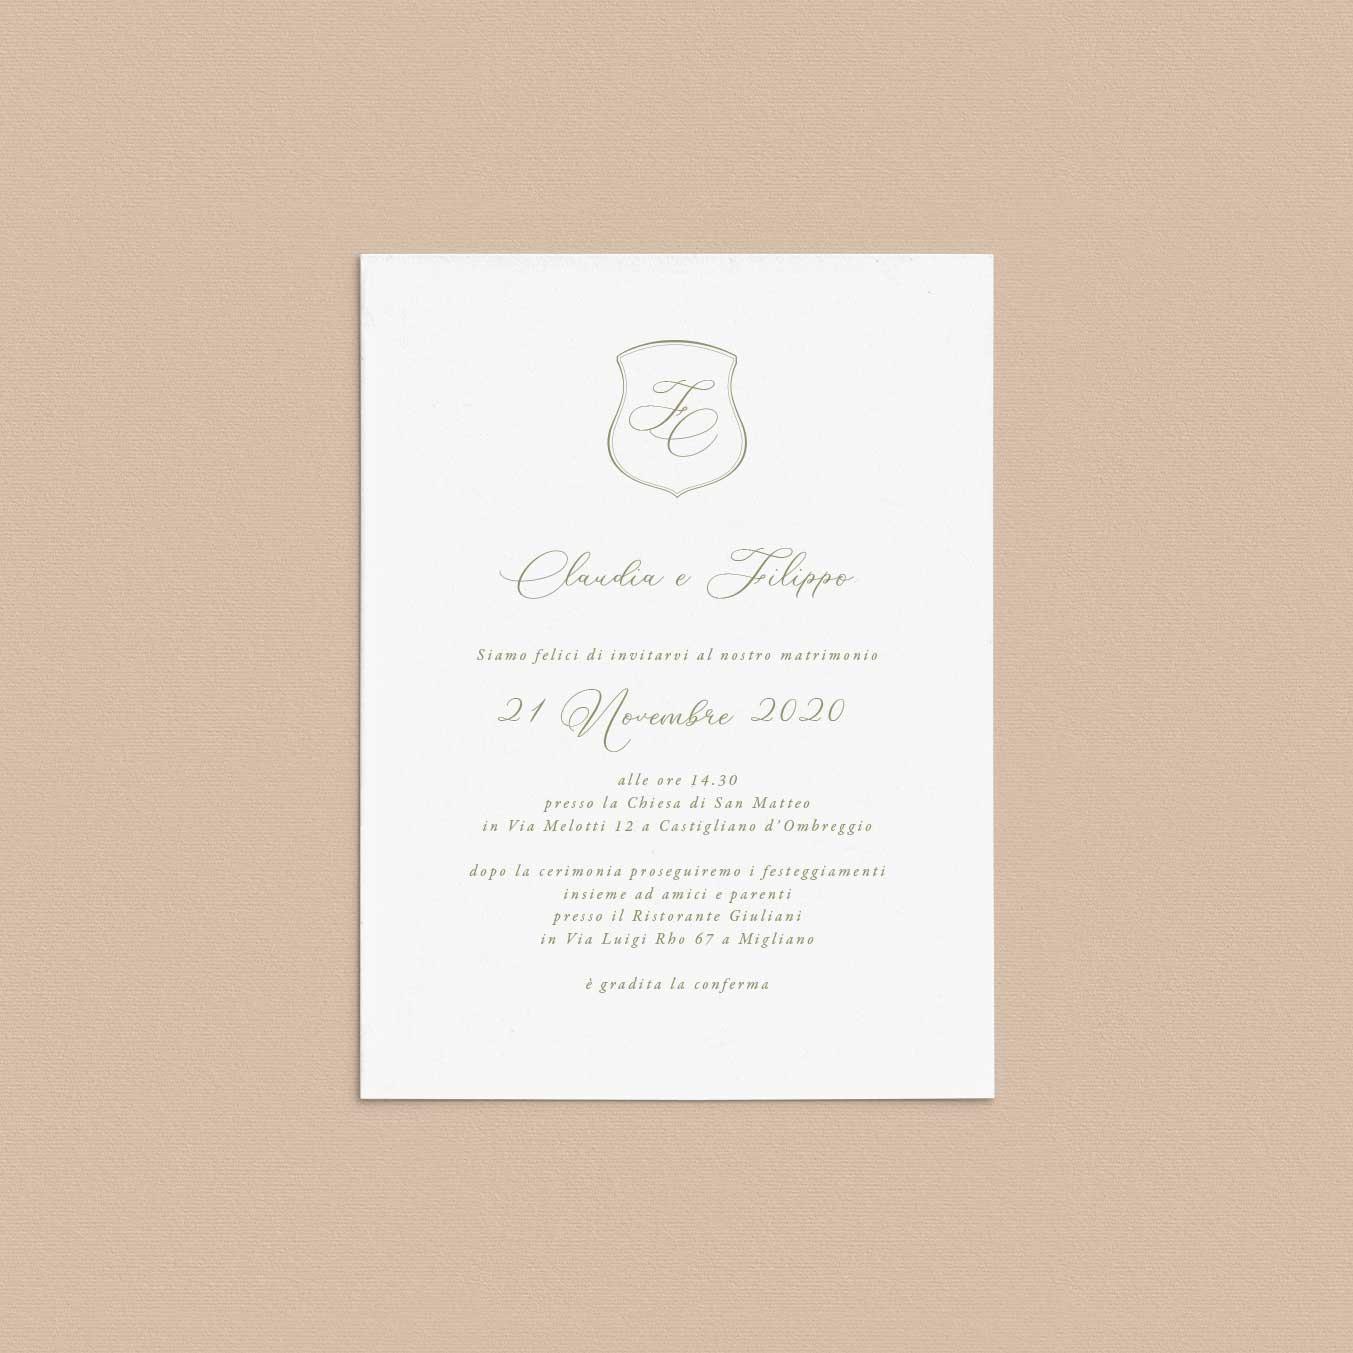 Partecipazioni-inviti-eleganti-matrimonio-2020-elegante-raffinato-crest-monogramma-monogram-classico-classic